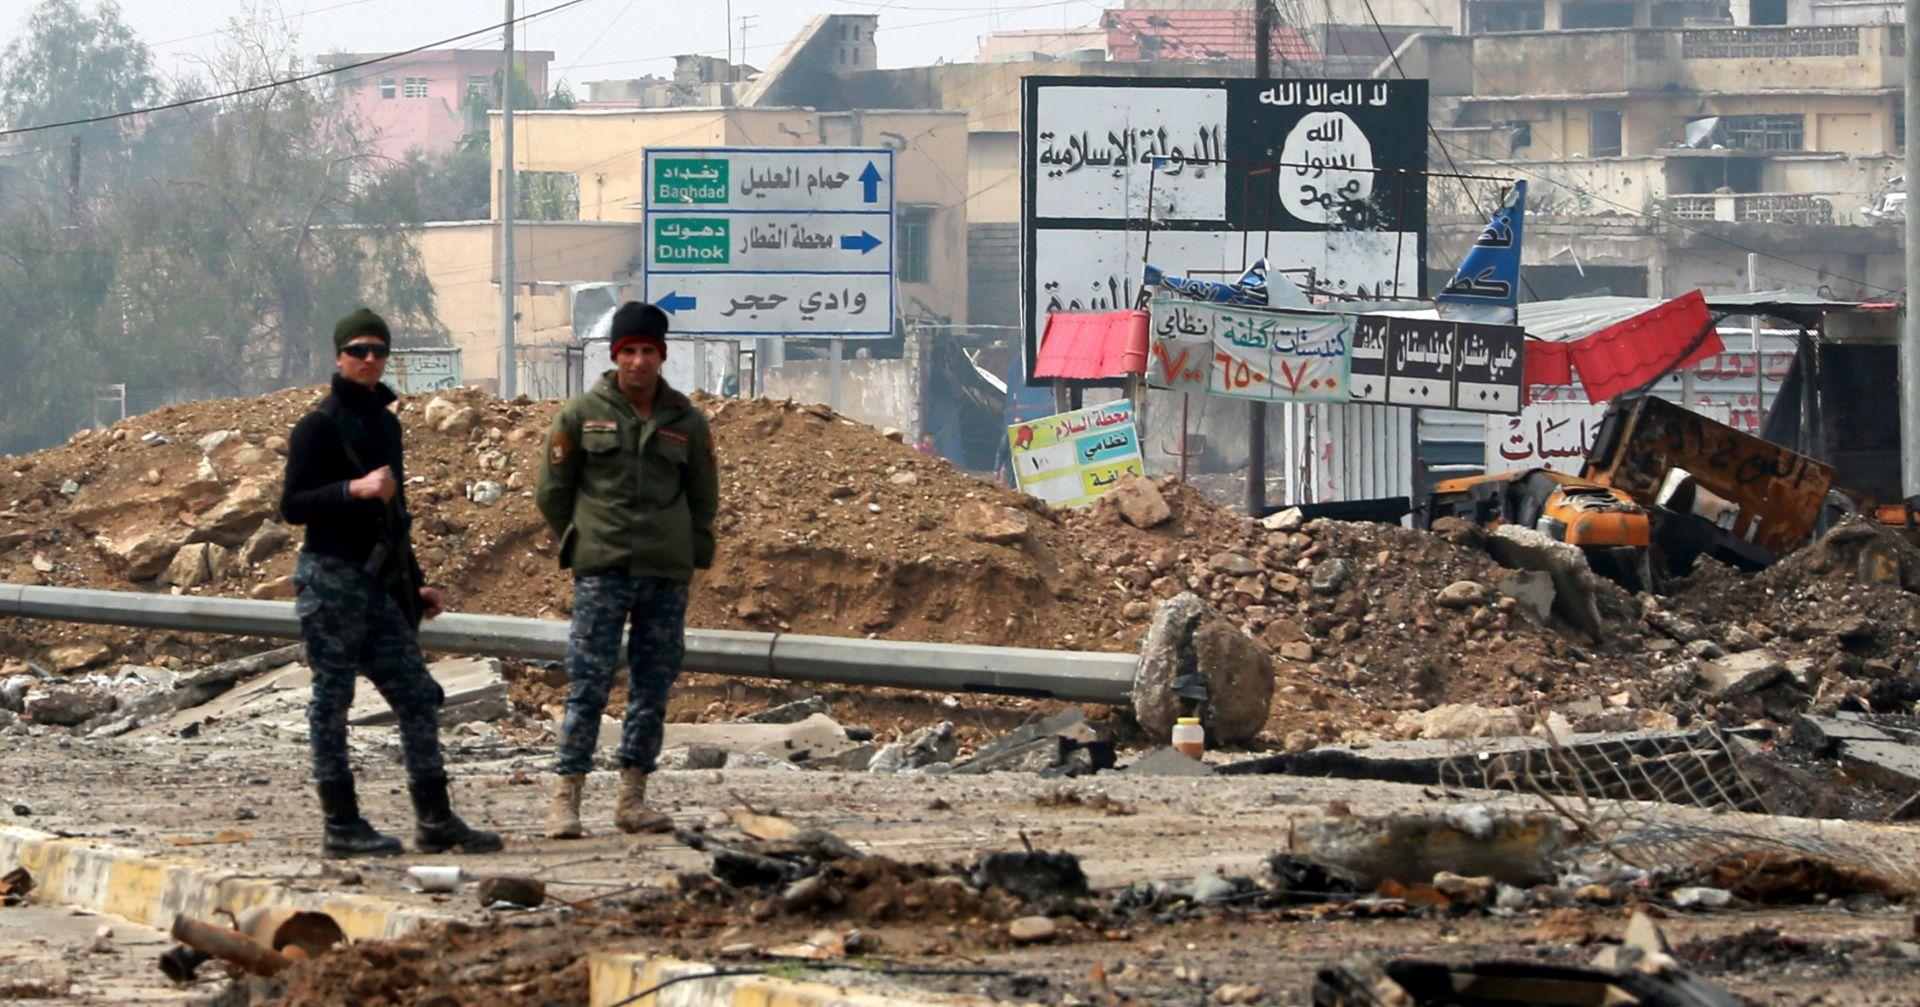 ZRAČNI NAPAD: Deseci mrtvih pod ruševinama u Mosulu